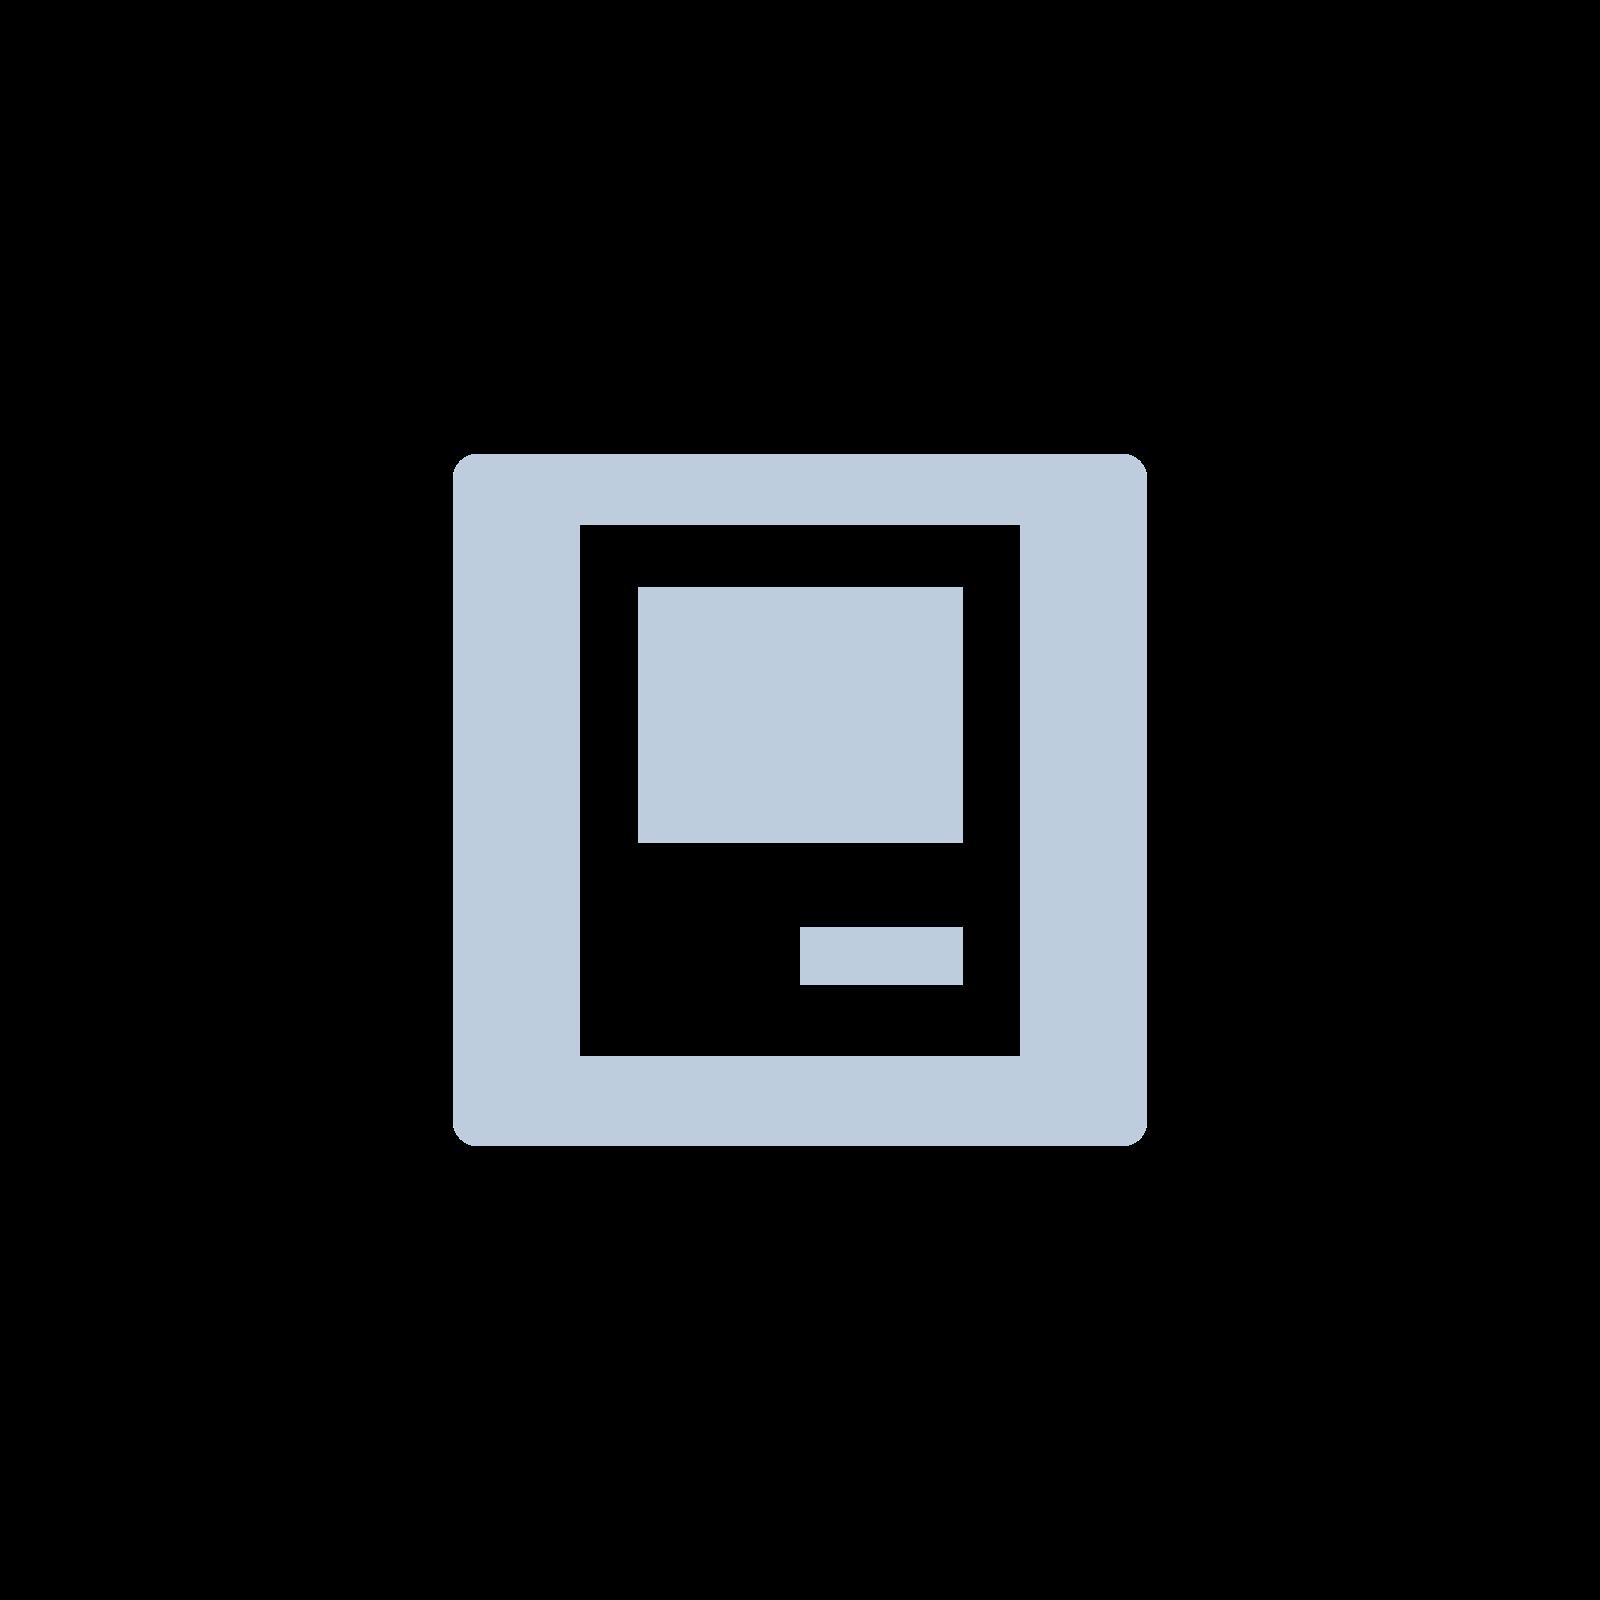 Schutzfolie (2 Stk.) Panzerglas Premium Stärke 9H für iPhone XR / 11